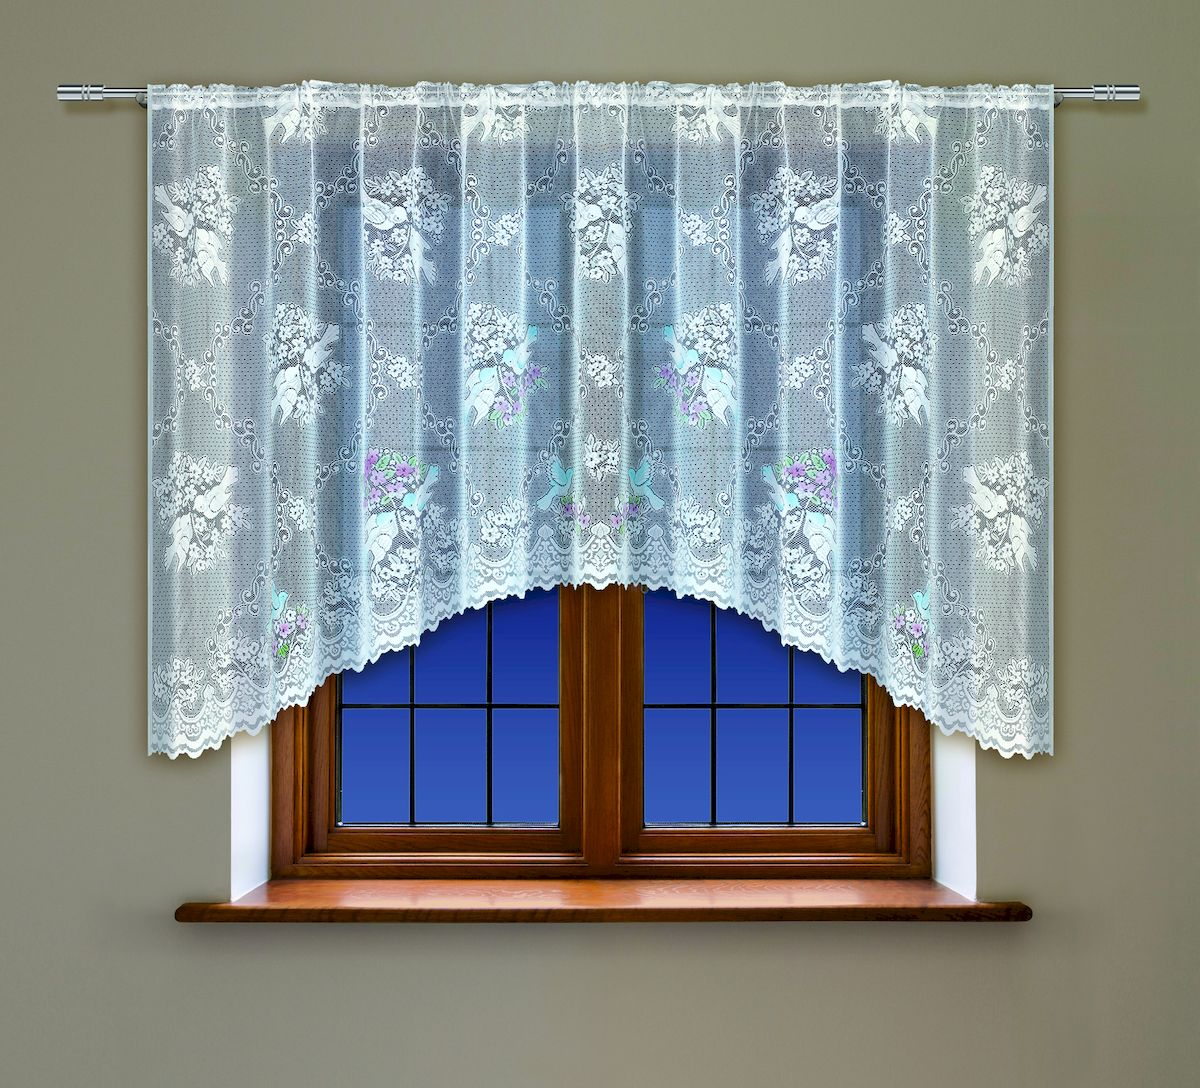 Гардина Haft, на кулиске, цвет: белый, высота 160 см. 22216147970Воздушная гардина Haft, выполненная из полиэстера, великолепно украсит любое окно.Изделие имеет оригинальный дизайн и органично впишется в интерьер помещения.Гардина крепится на карниз при помощи кулиски.